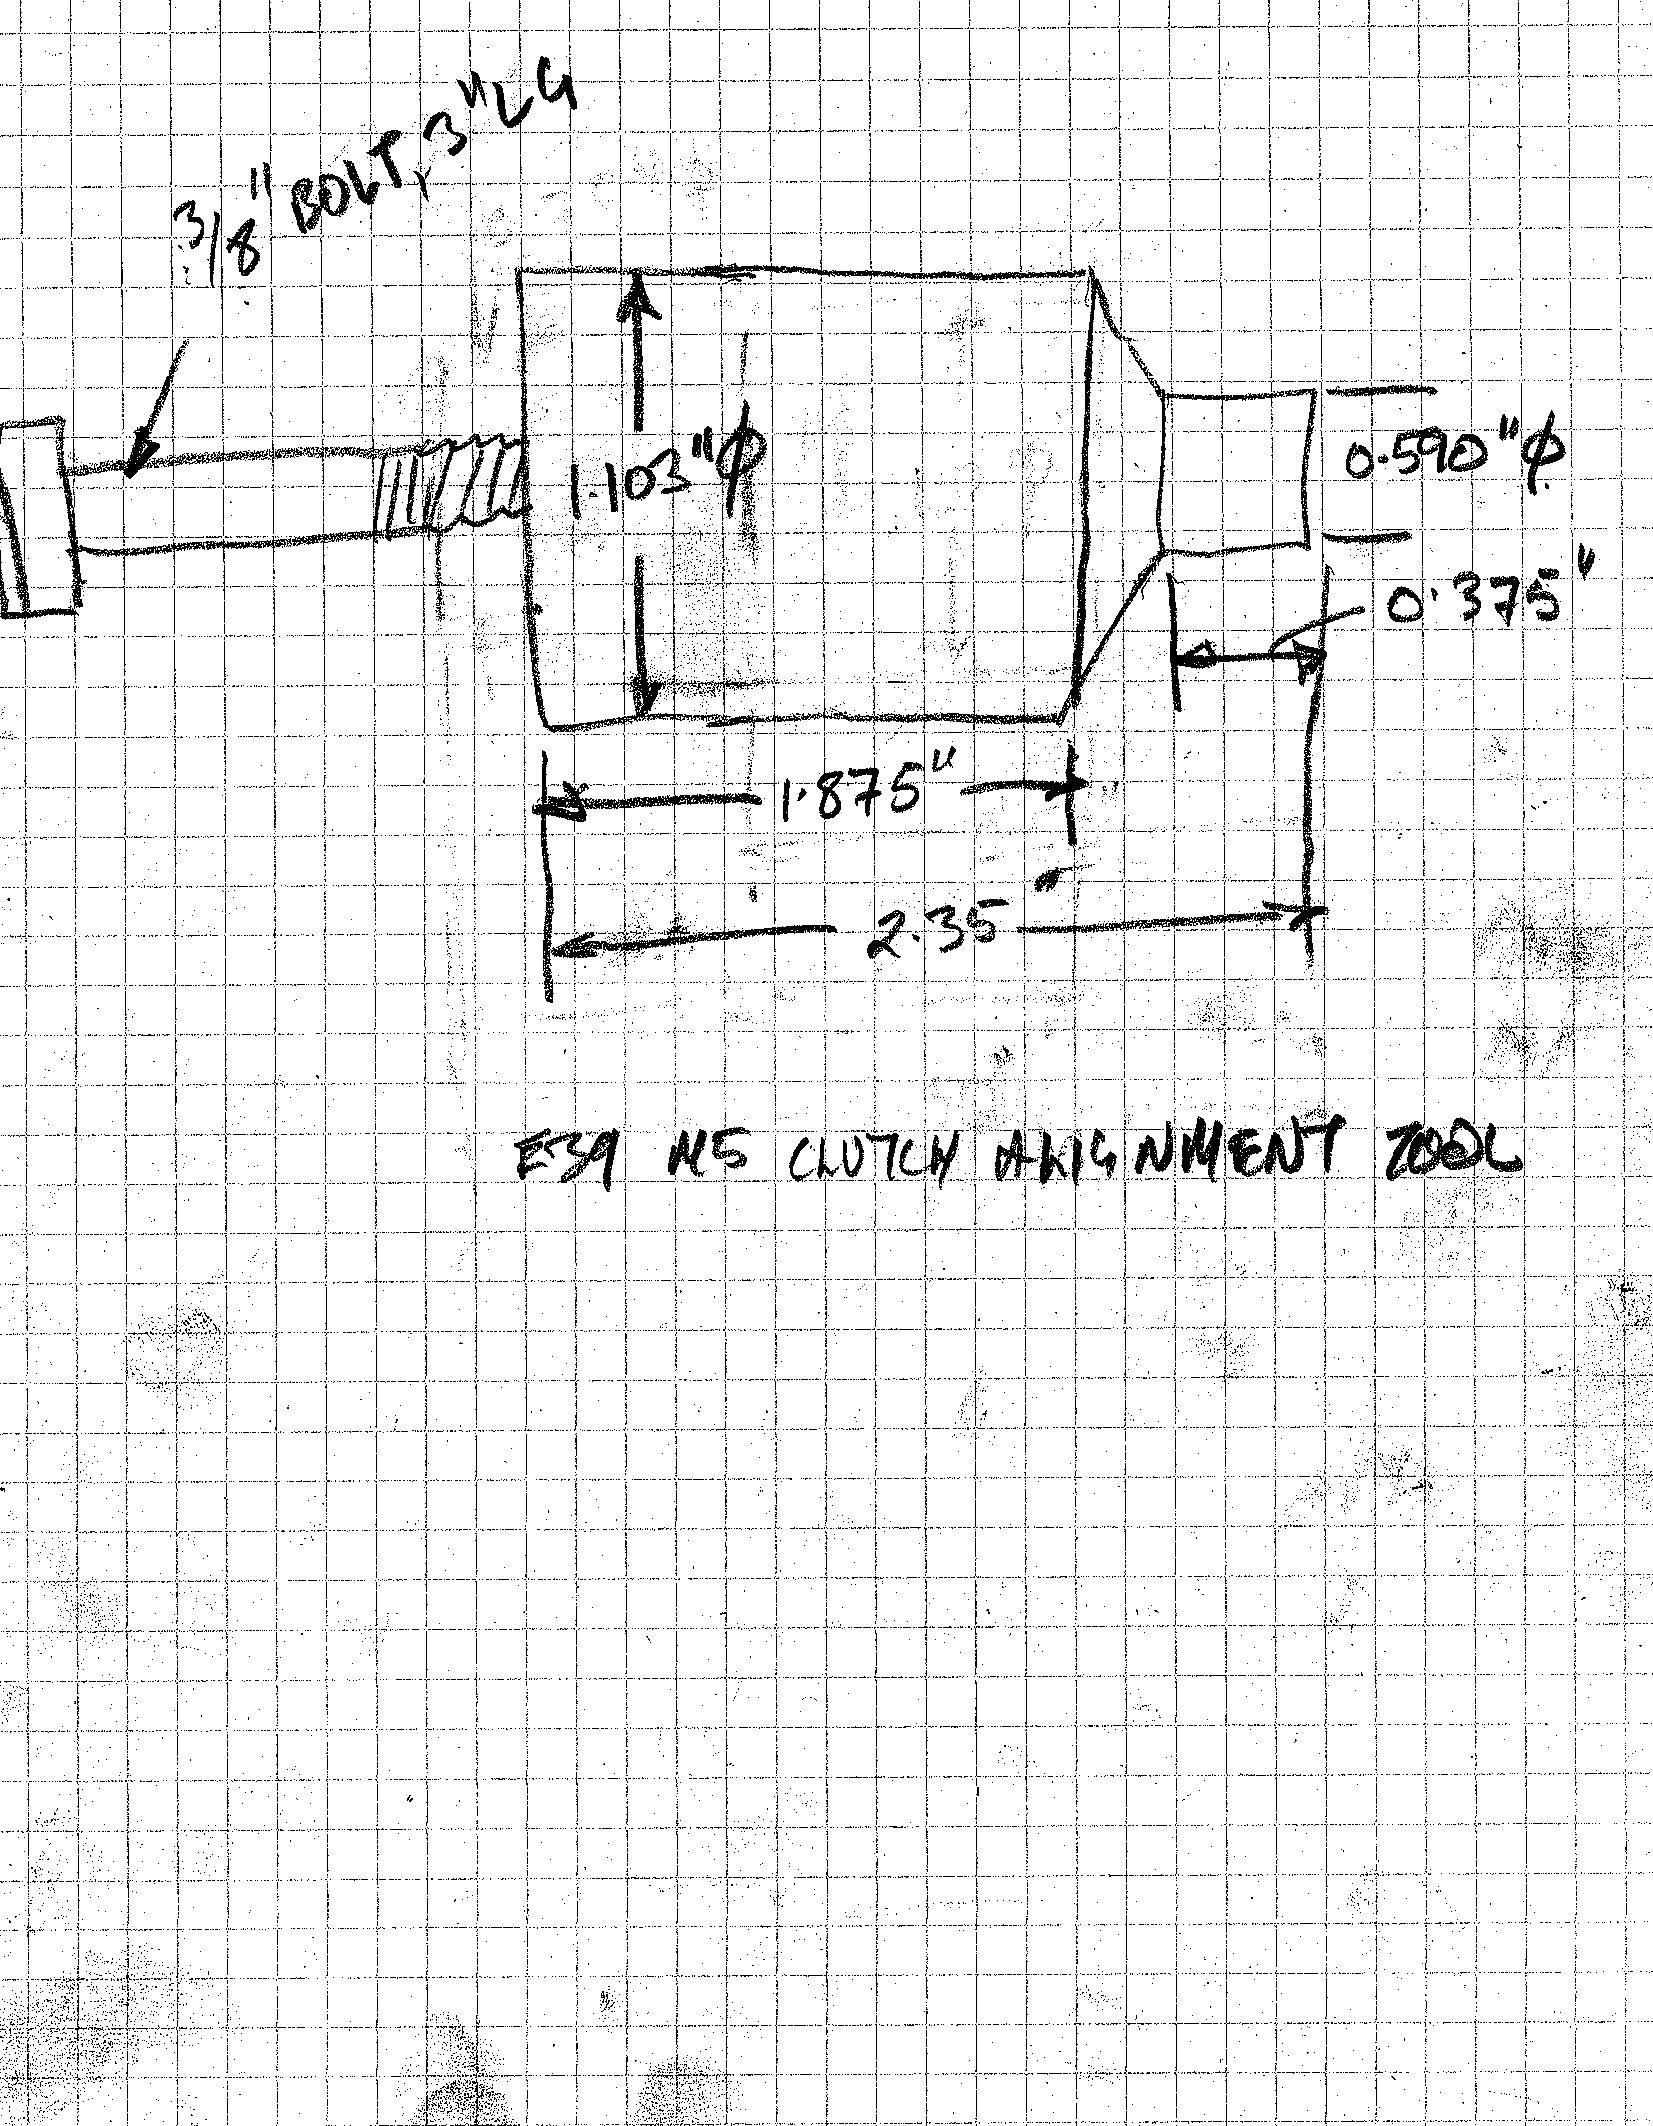 e36 clutch alignment tool